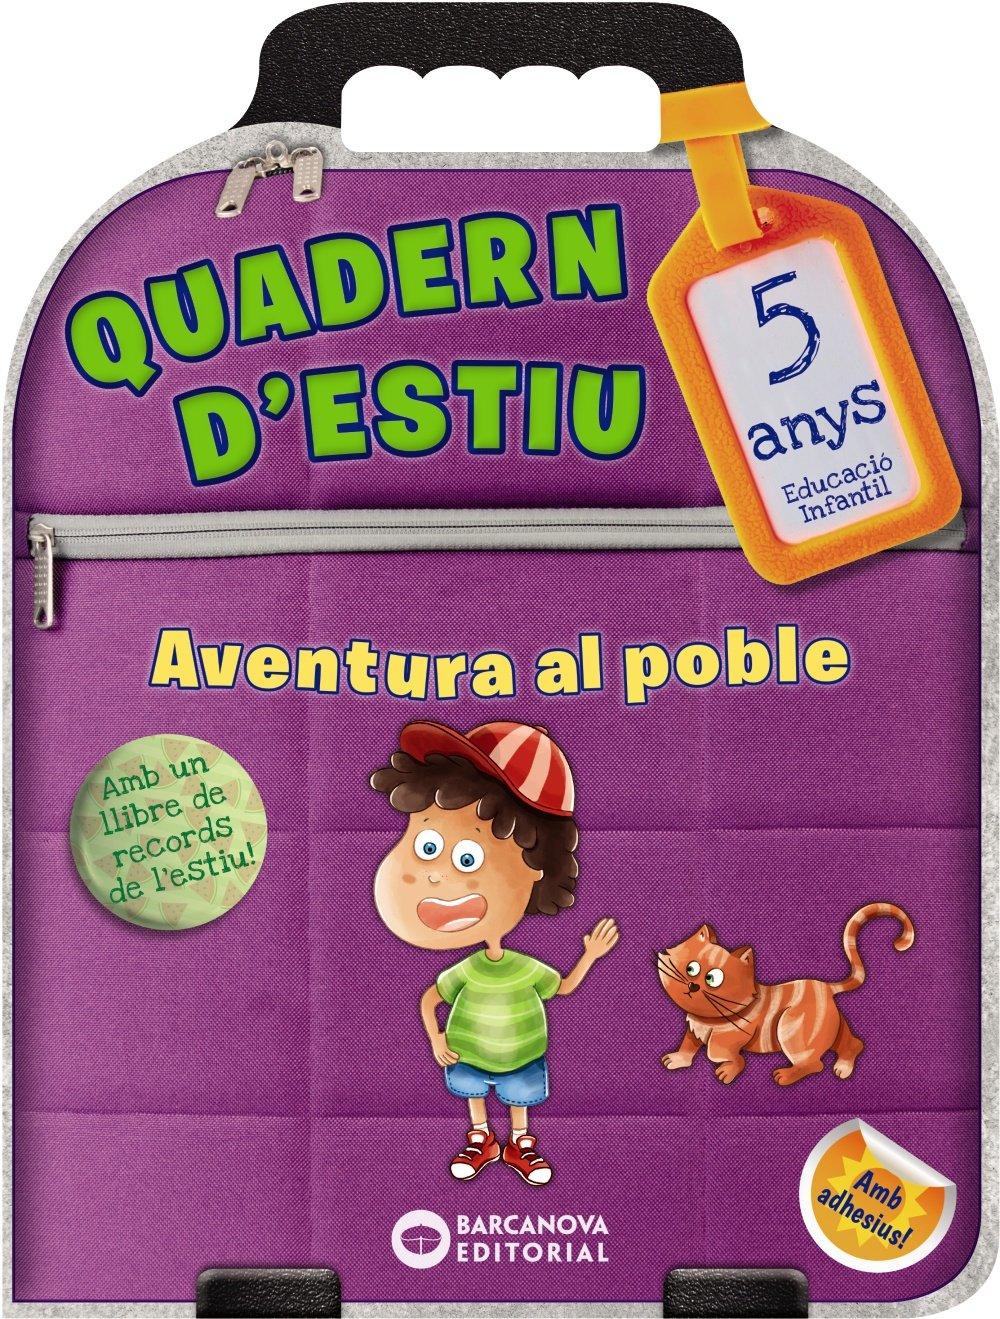 Aventura al poble 5 anys. Estiueja amb Barcanova: Amazon.es: Ester Riera,  Cèlia Bornas: Libros